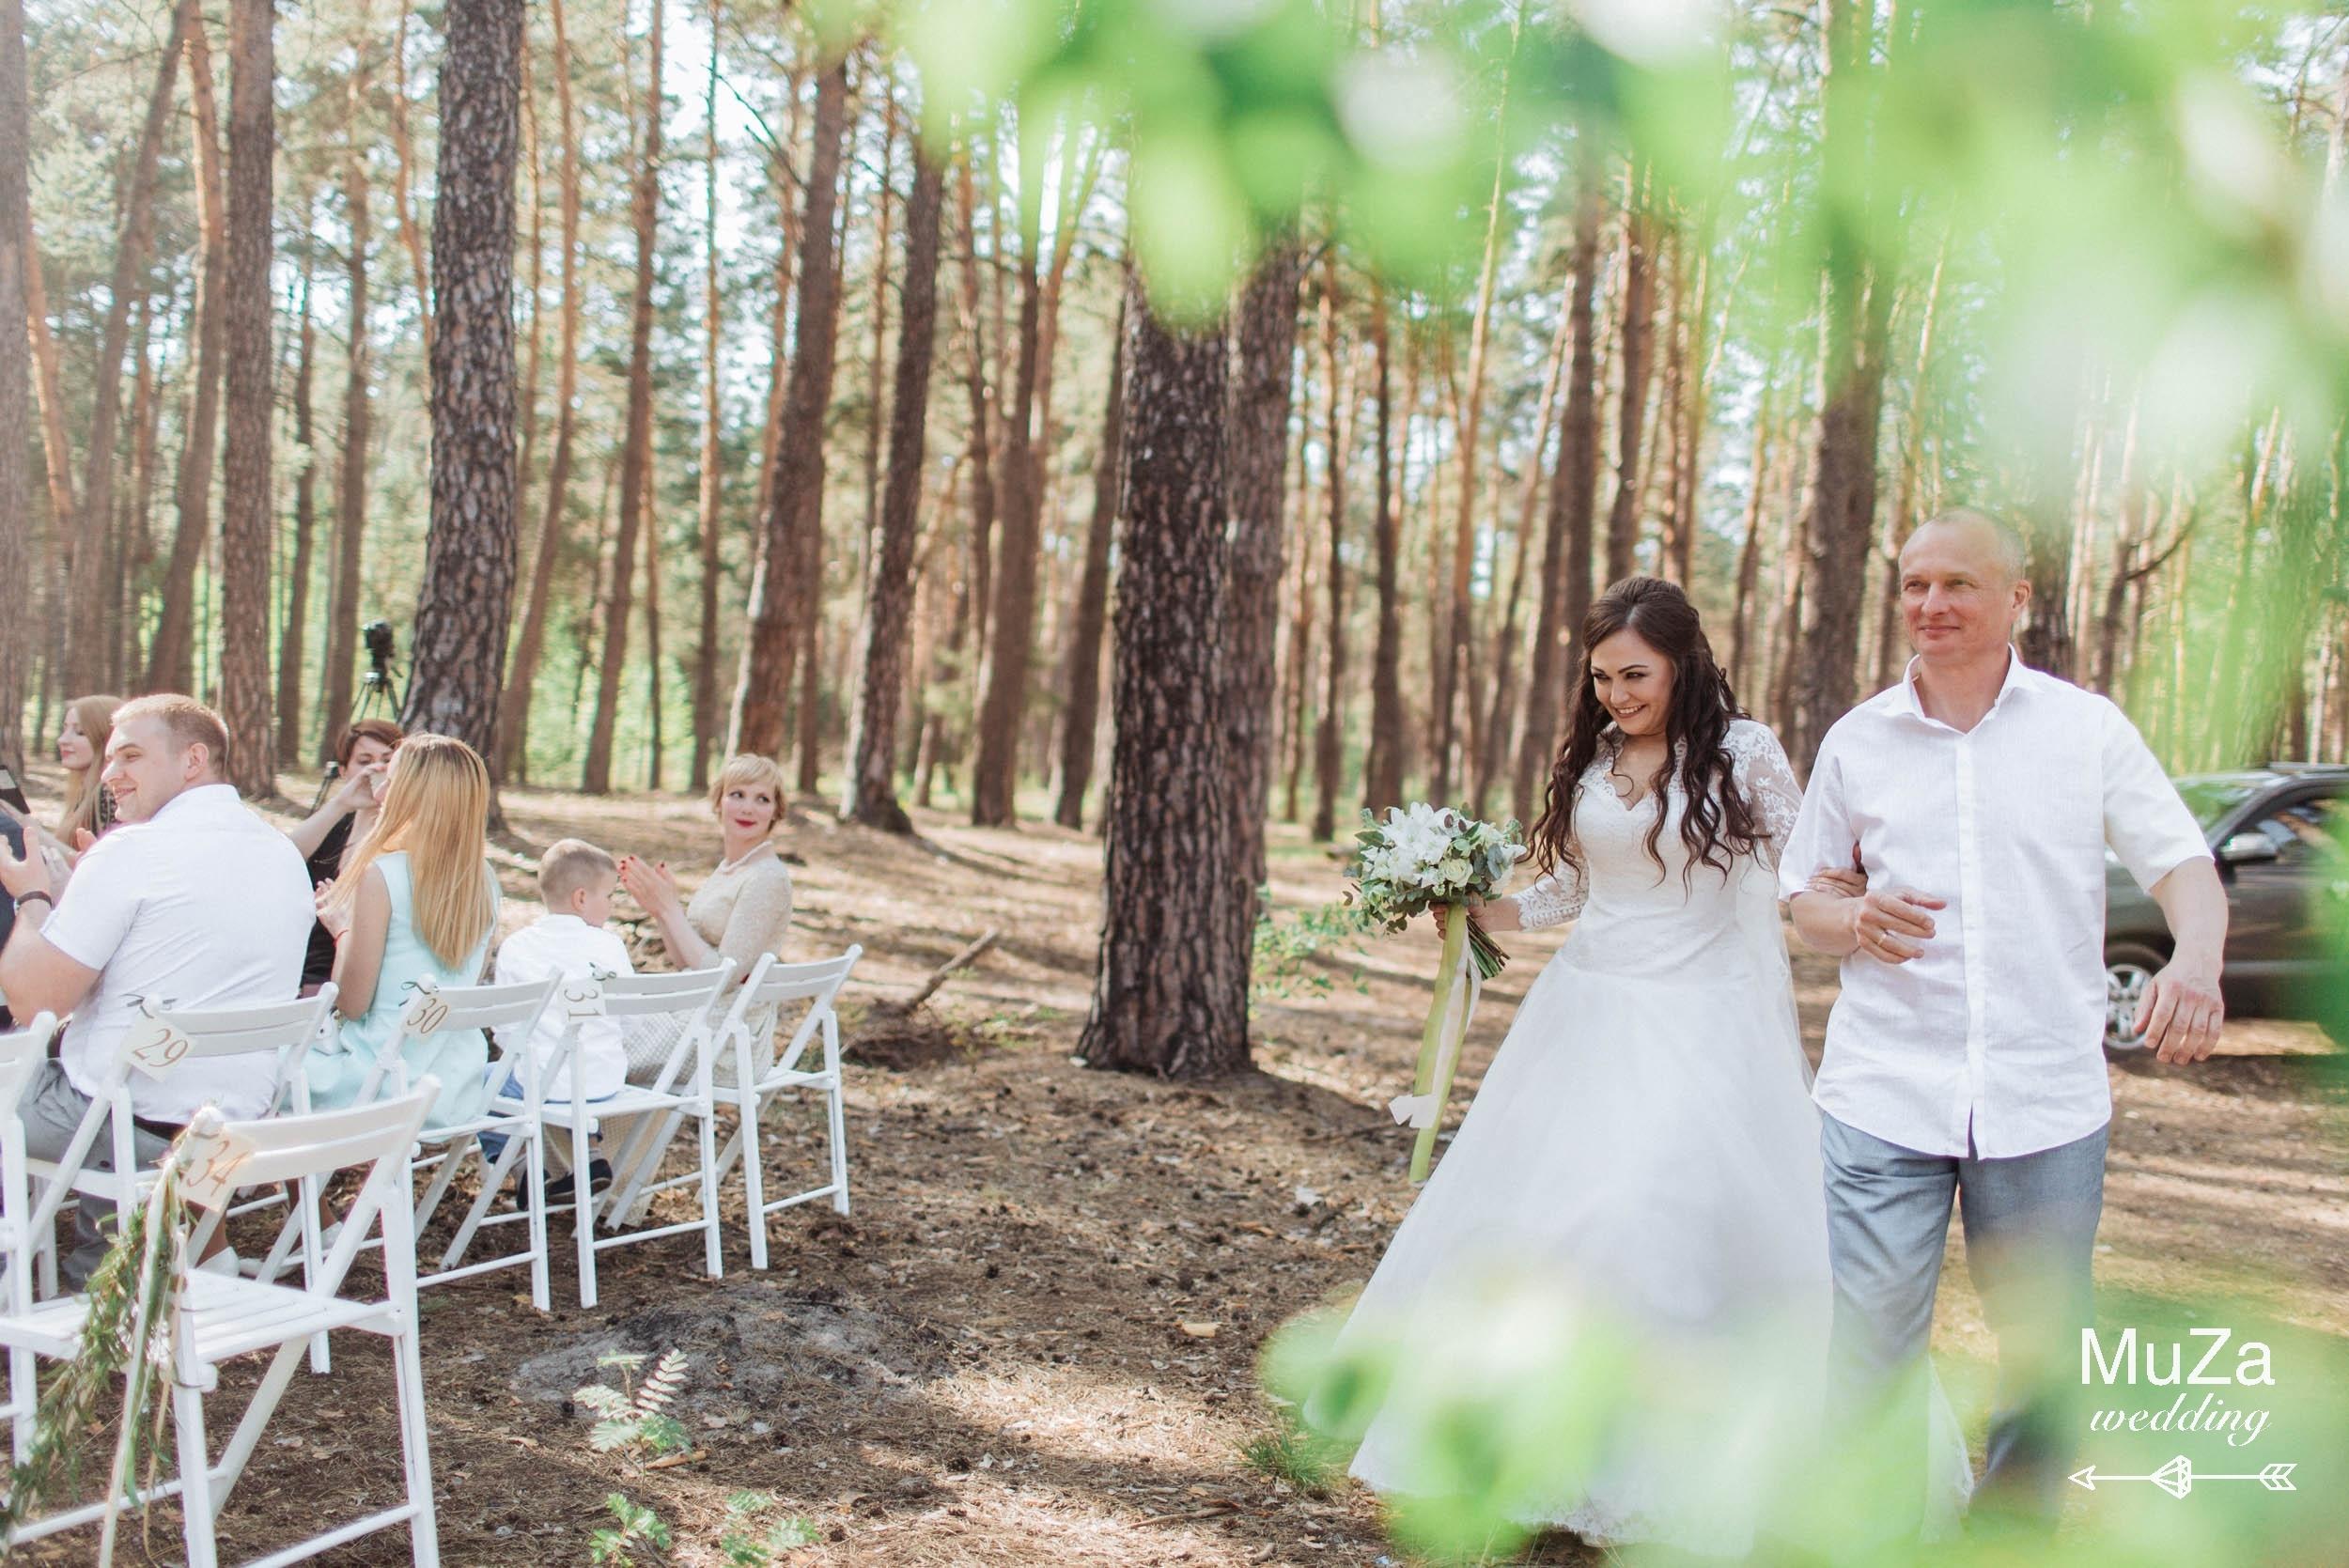 выход невесты с папой на церемонии